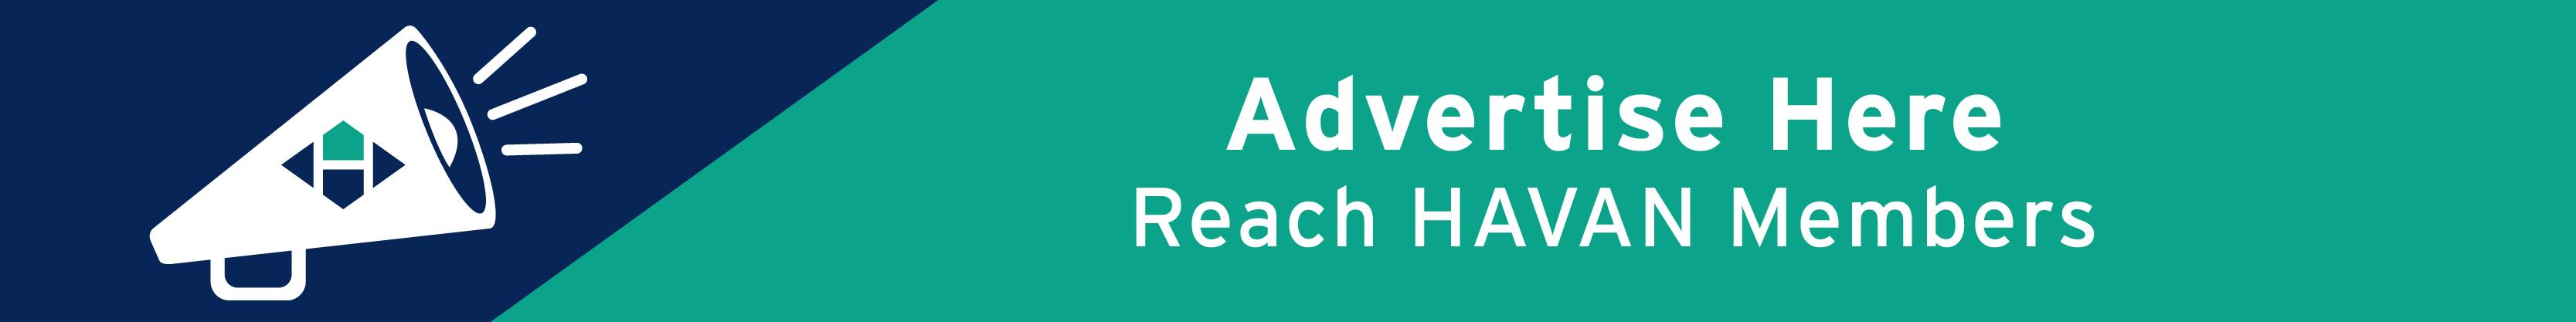 Advertise Here- Reach Havan Members